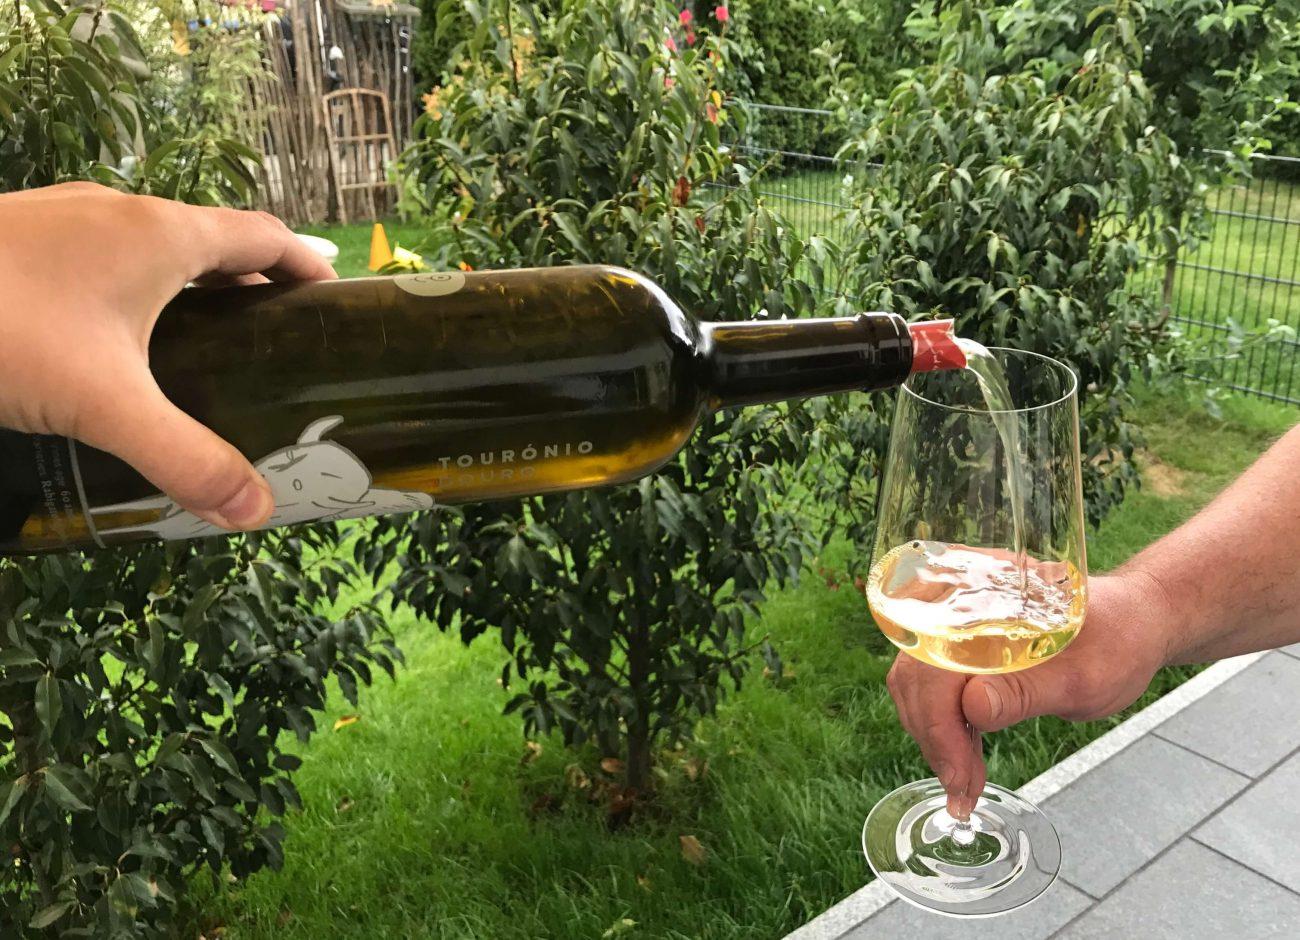 Touronio branco der Quinta de Tourais - ein Weißwein aus Portugal